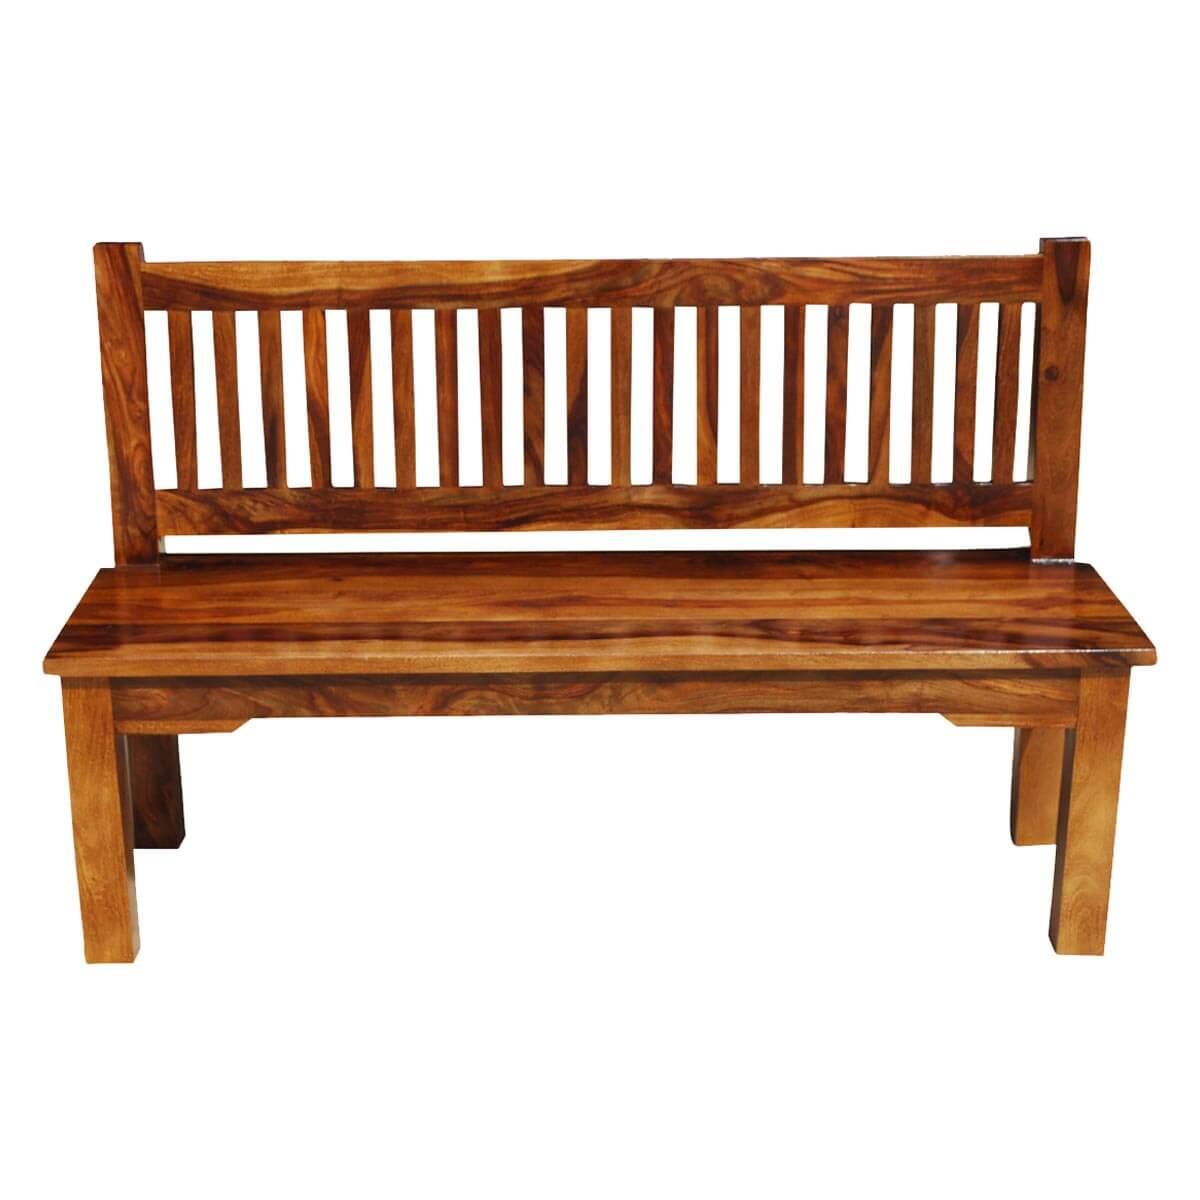 santa cruz mission solid wood rustic 57 bench w back. Black Bedroom Furniture Sets. Home Design Ideas